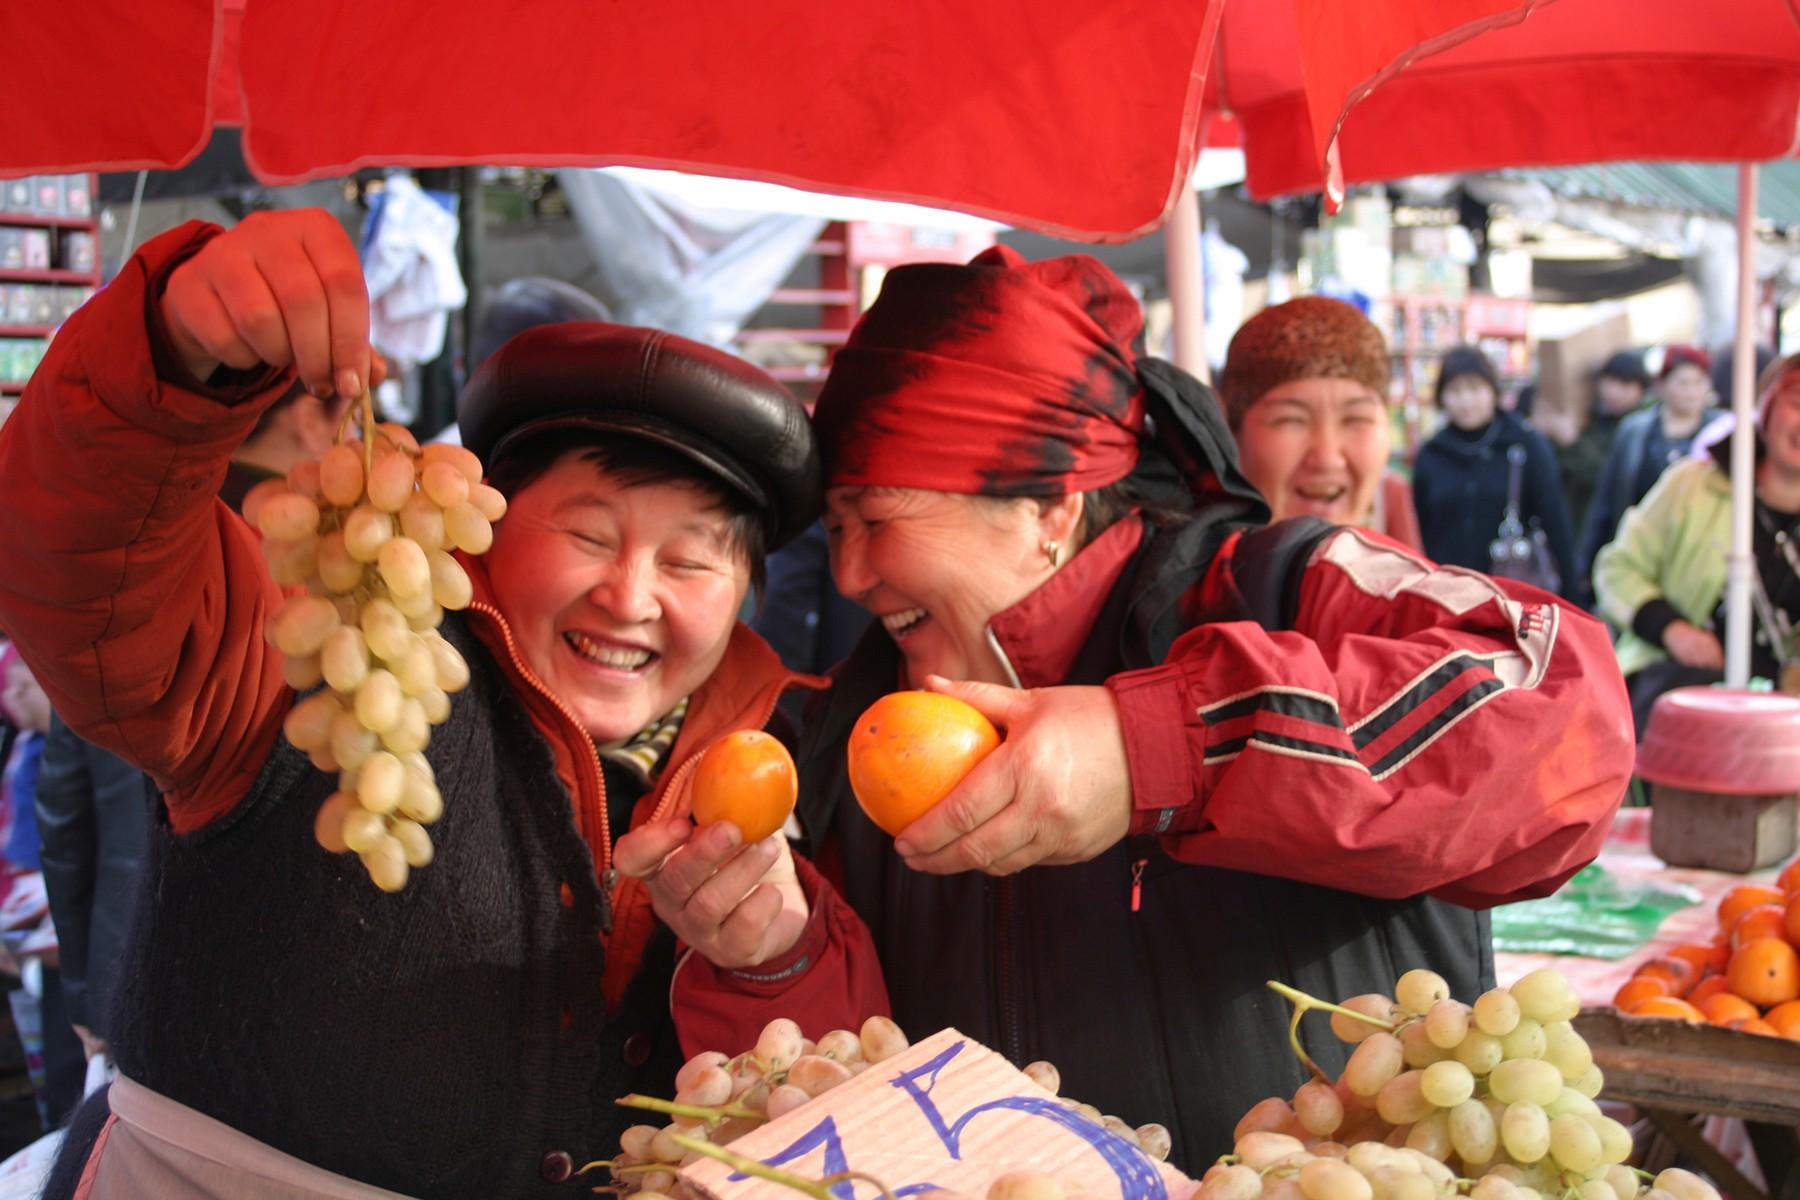 Introbild für das Projekt Fotografie aus Kirgistan